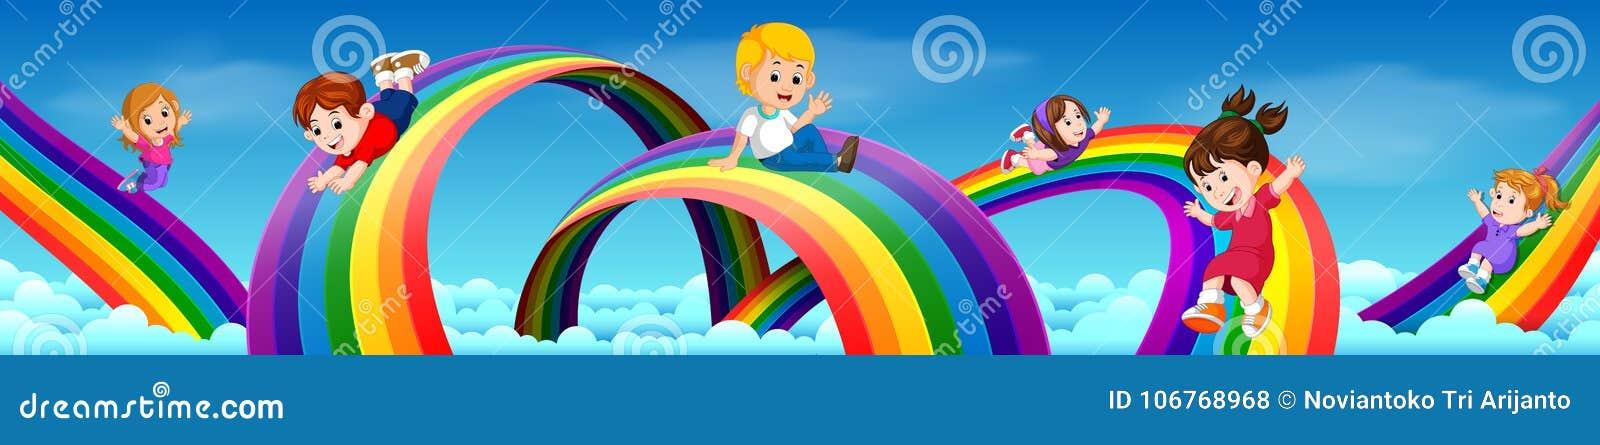 Criancas Dos Desenhos Animados Que Deslizam Abaixo Do Arco Iris